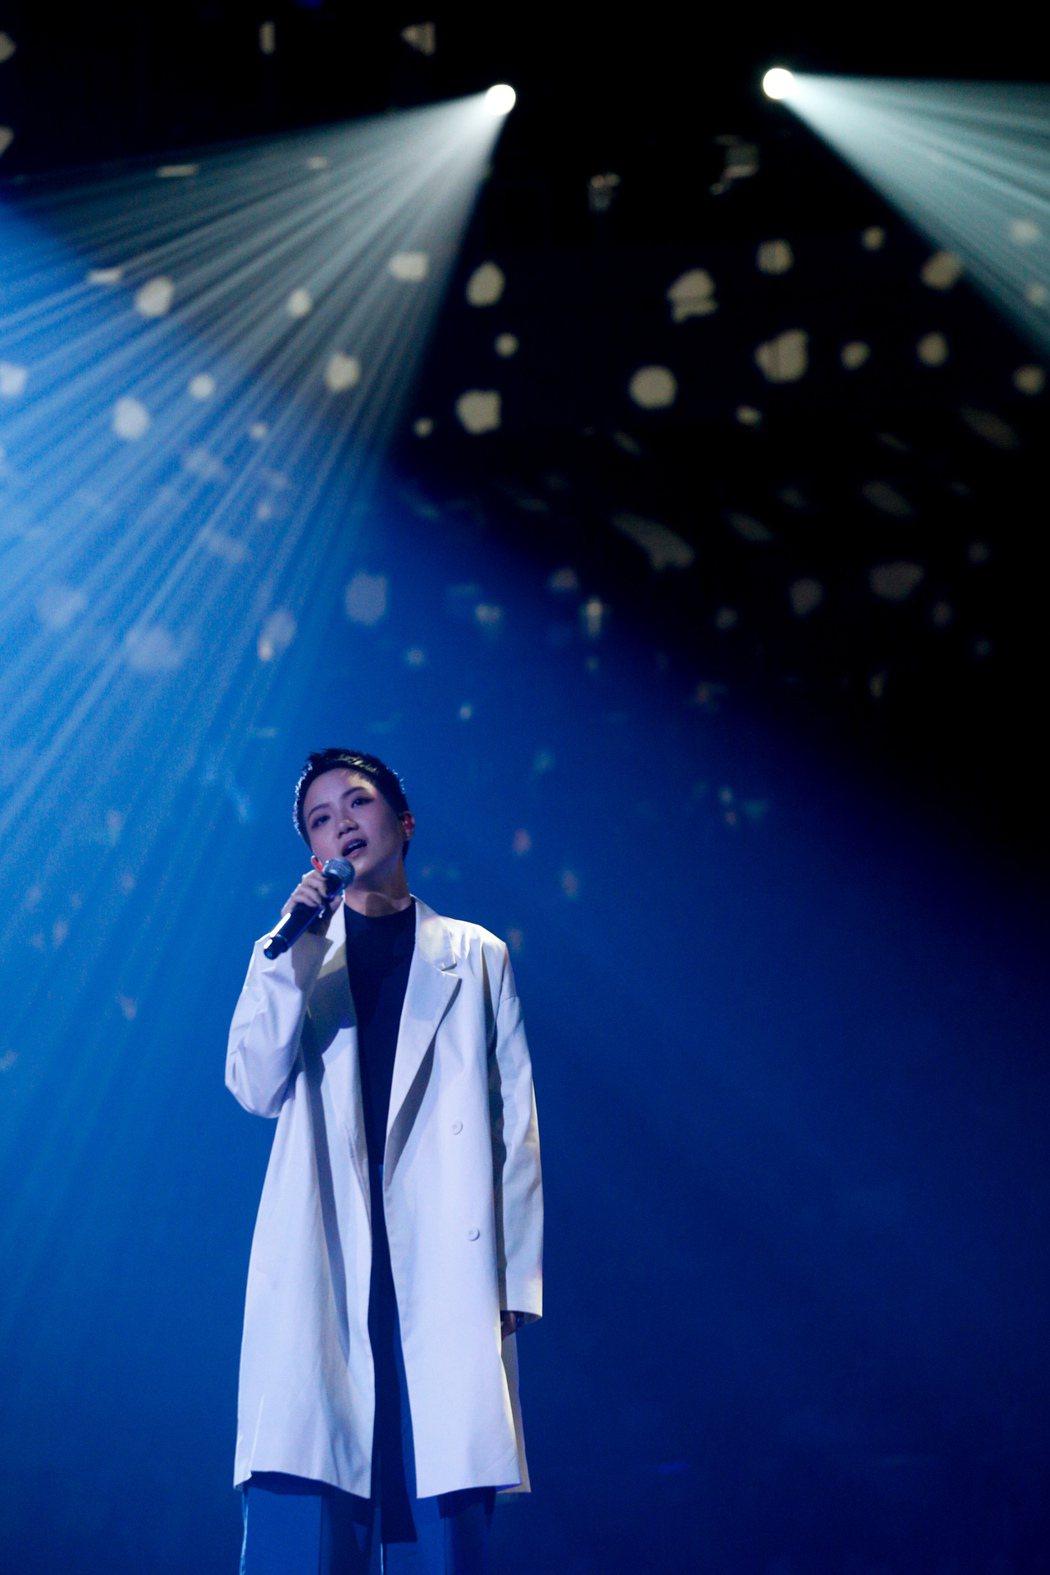 魏如萱今晚在台北小巨蛋舉辦「末路狂花」演唱會,香港女歌手盧凱彤(圖)驚喜現身擔任...